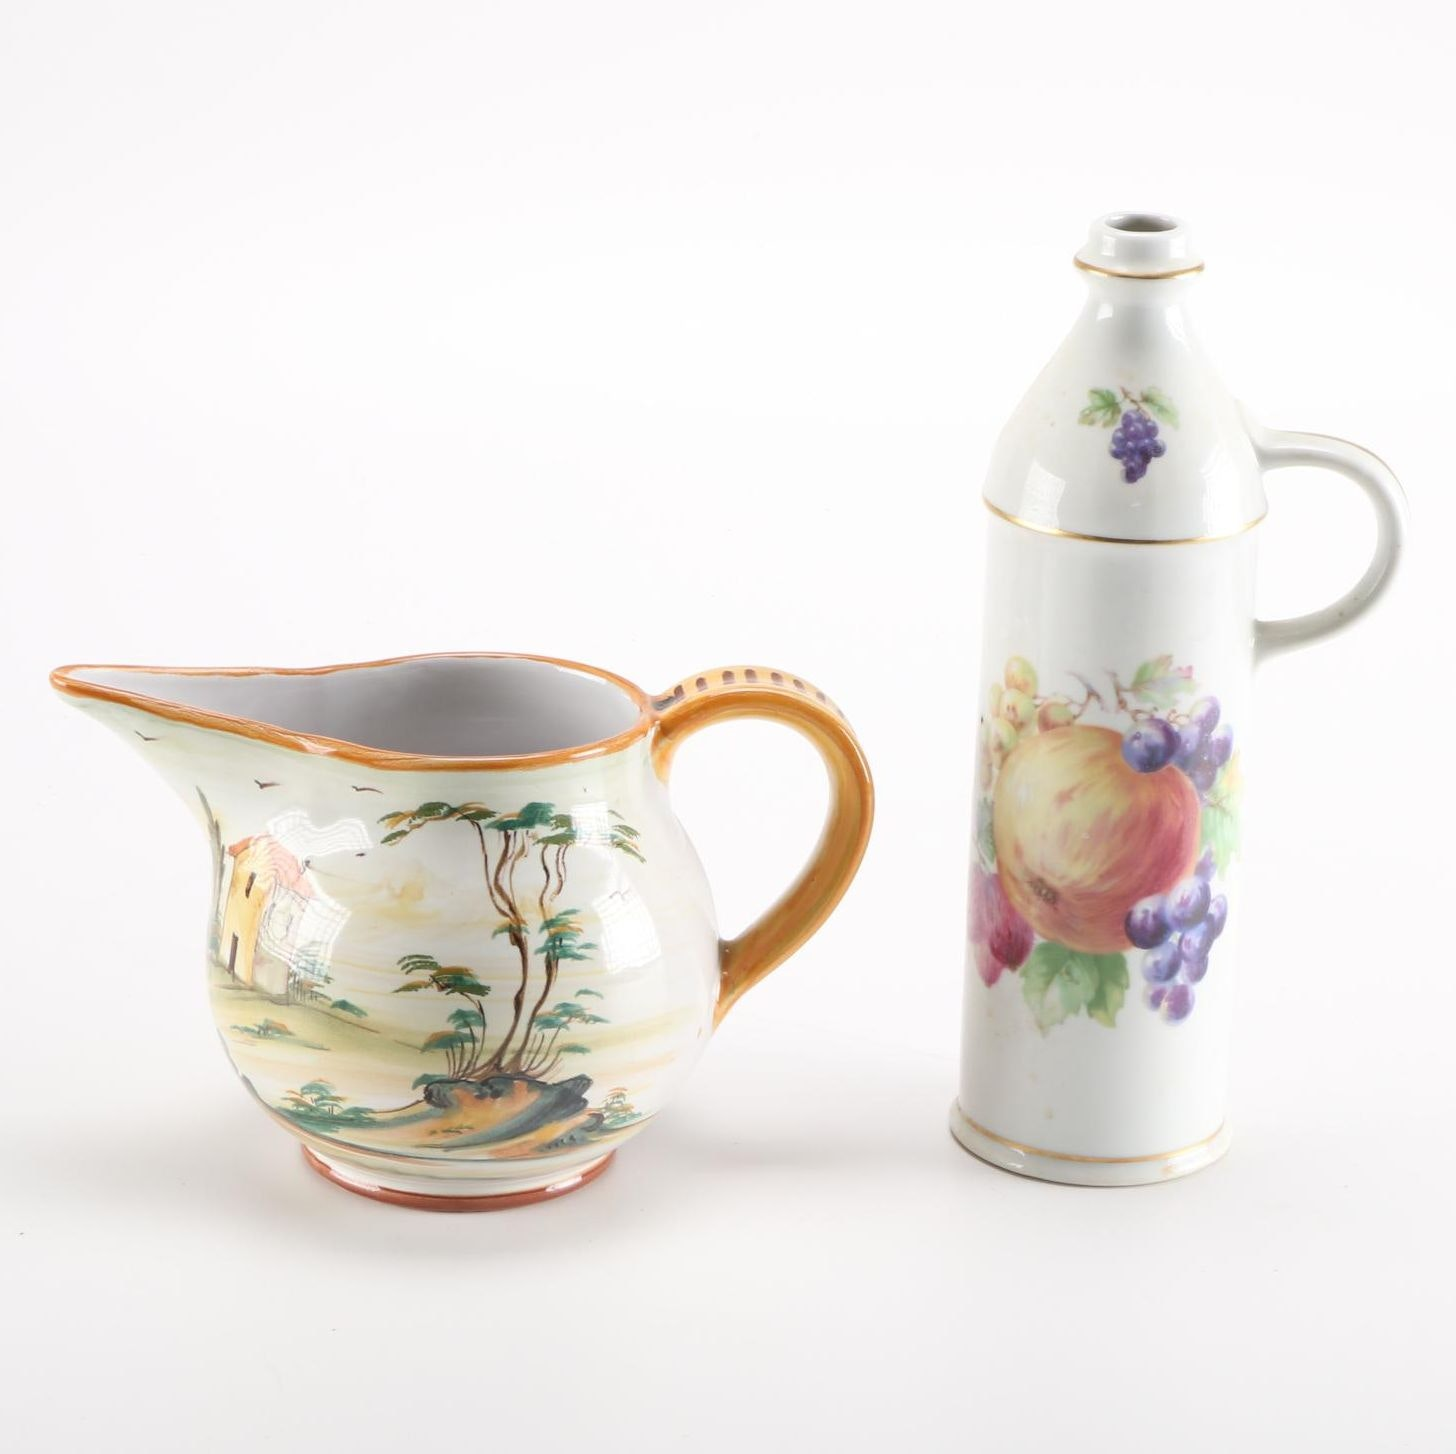 Pair of Ceramic Tablewares With Grazia Deruta